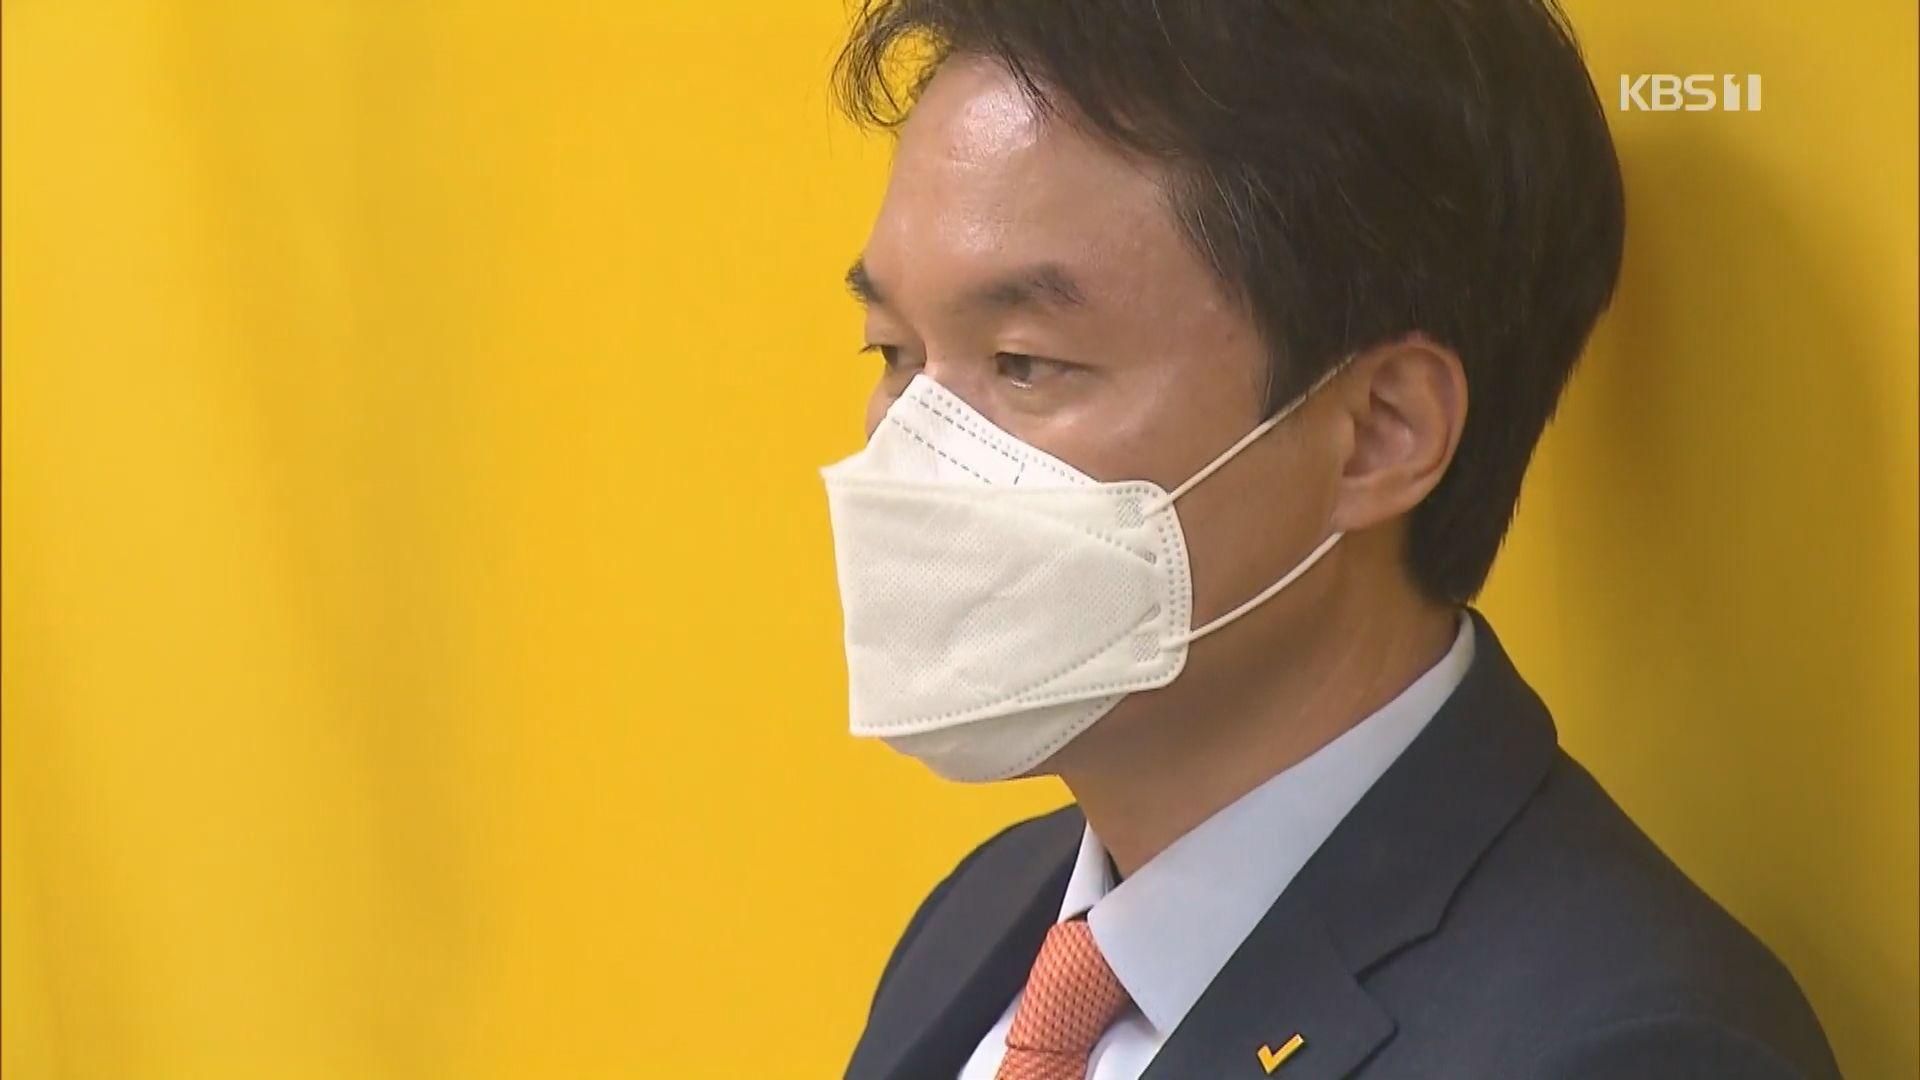 【環球薈報】南韓左翼政黨主席因性騷擾黨友被解職